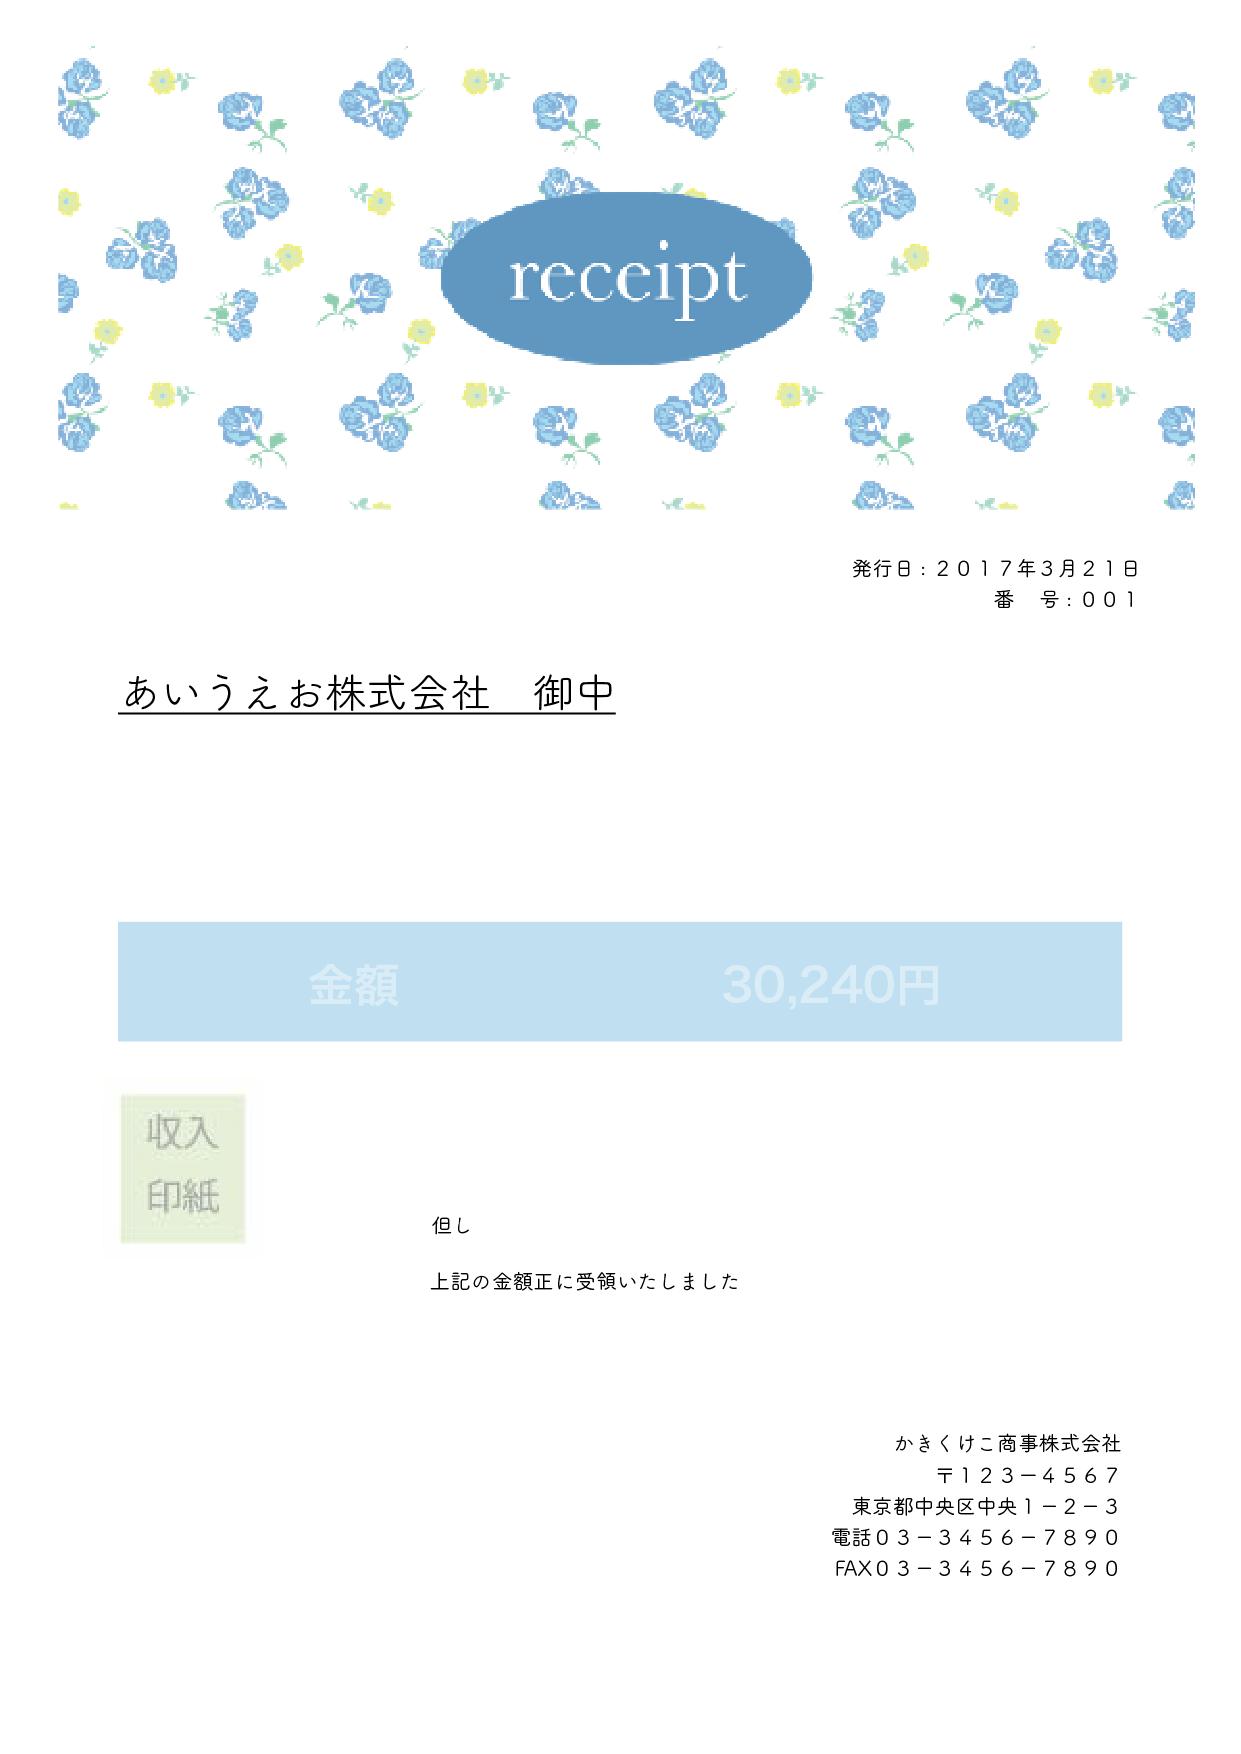 領収書(Receipt)テンプレート Mac対応 A4サイズ・おしゃれな花柄ブルー(ワード、ページズ)